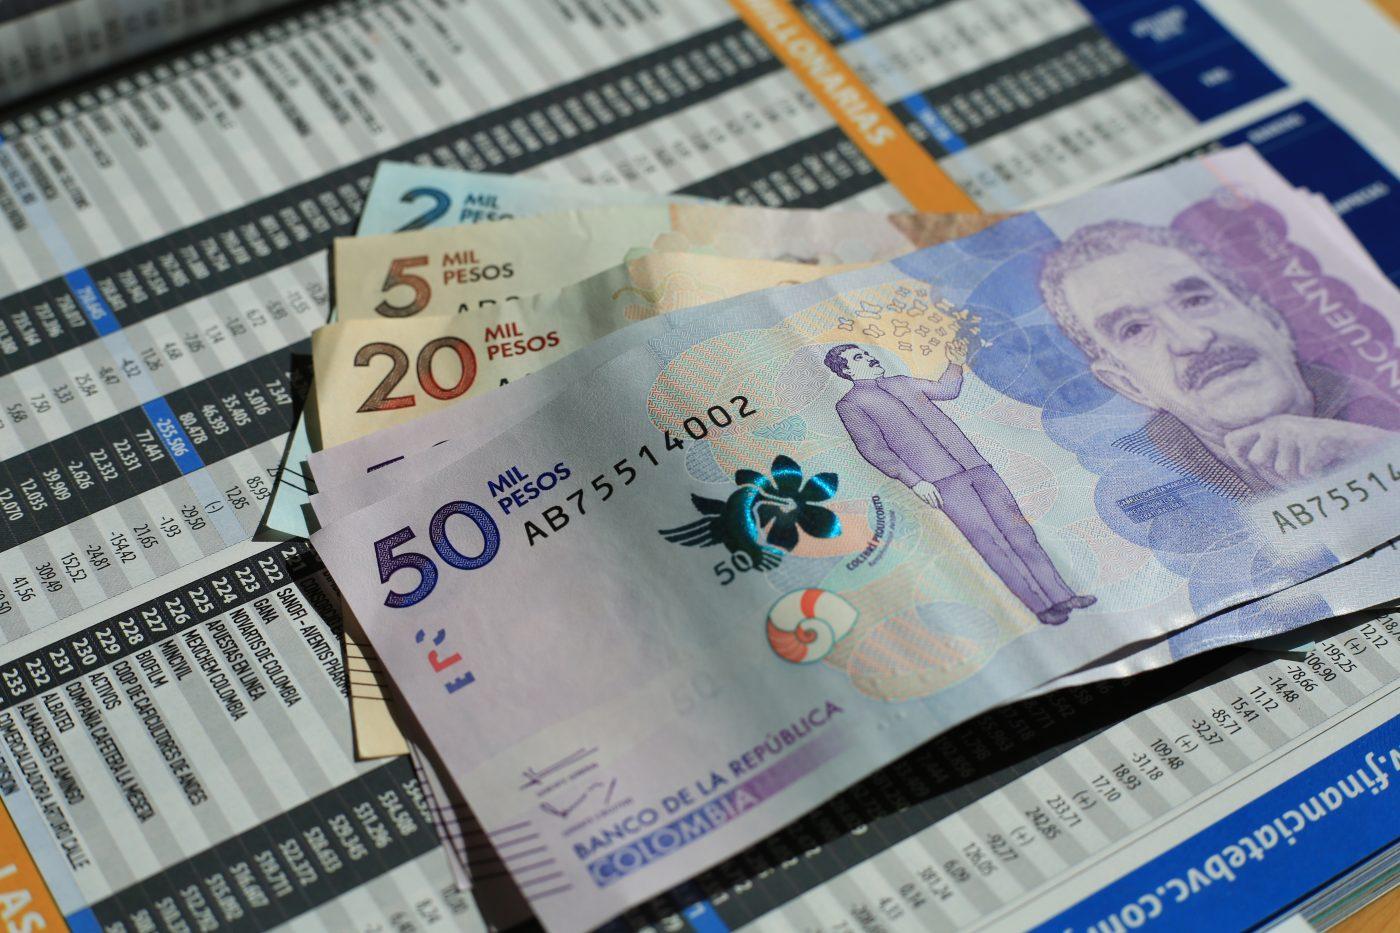 Reveladas las reglas y criterios que definen quién recibirá la devolución de IVA | Nacional | Economía | EL FRENTE